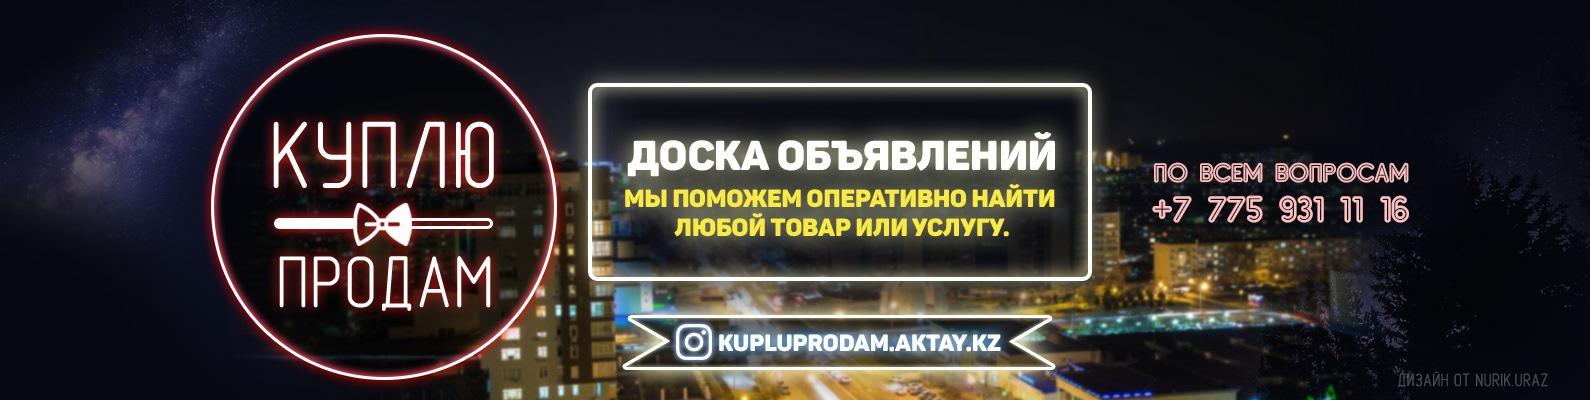 Куплюпродам рекламу в сообществе ВКонтакте